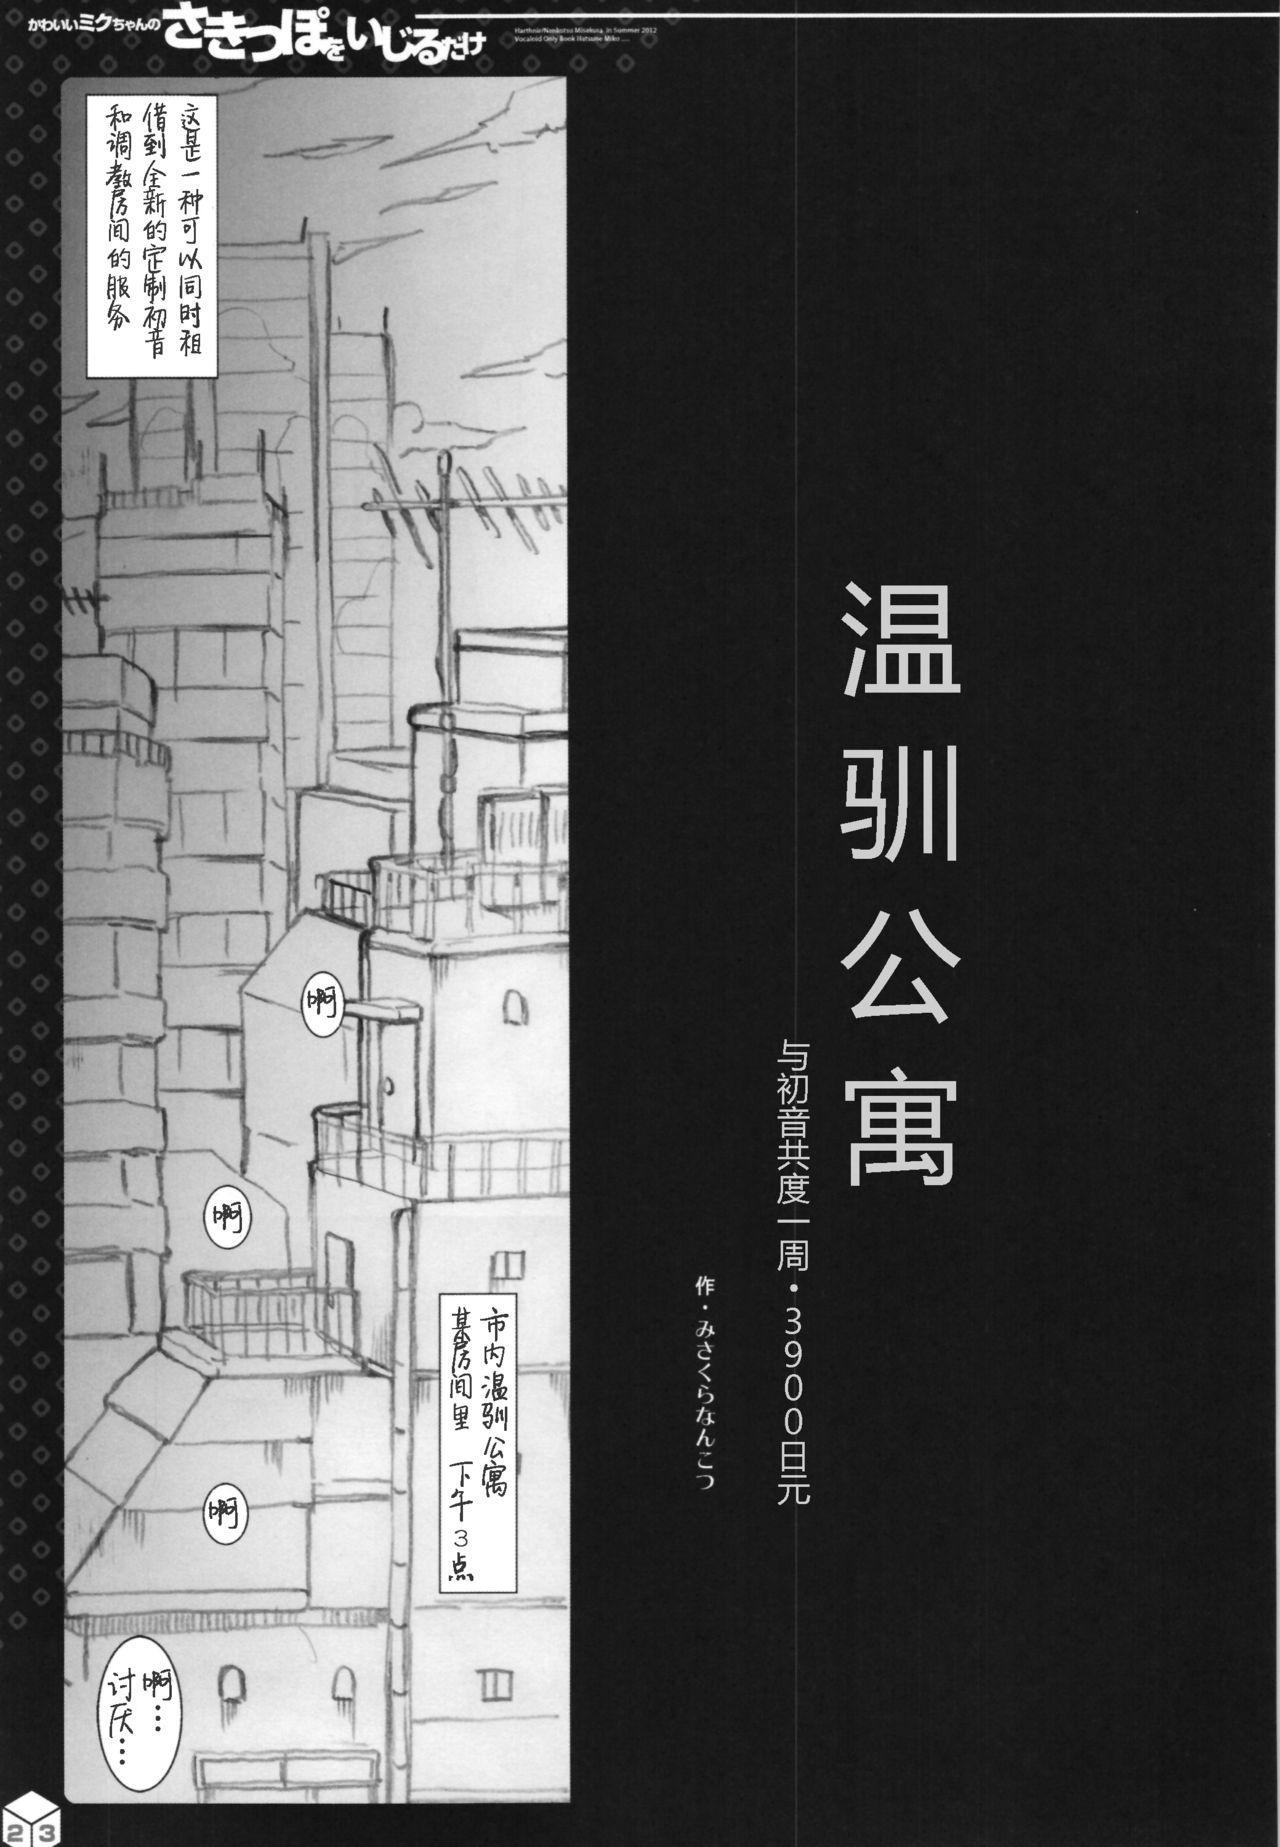 Kawaii Miku-chan no Sakippo o Ijiru dake   只是来欺负初音可爱的尖尖而已 7